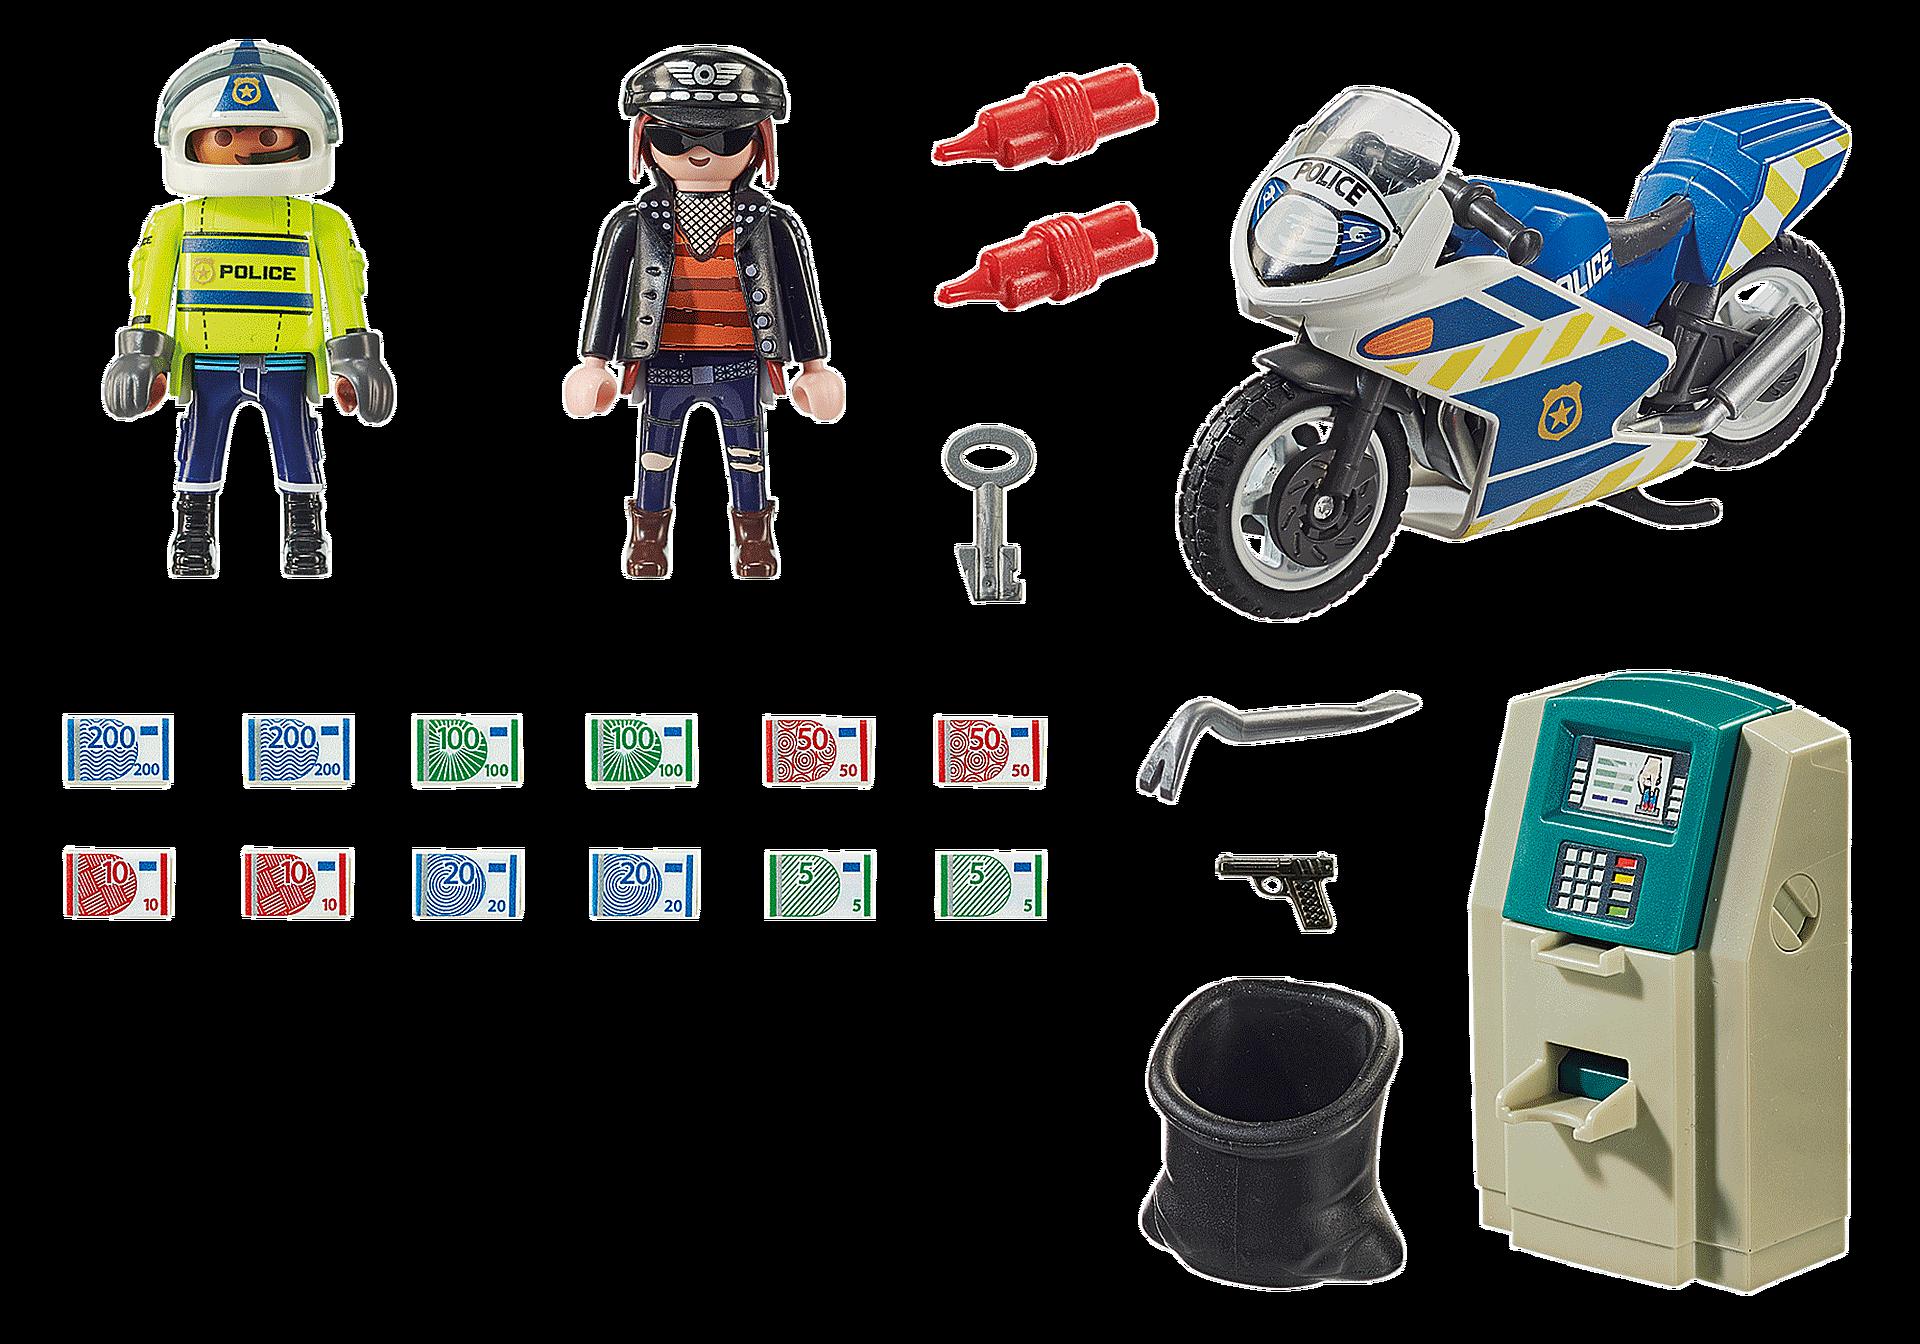 70572 Полицейский мотоцикл: Погоня за вором zoom image3